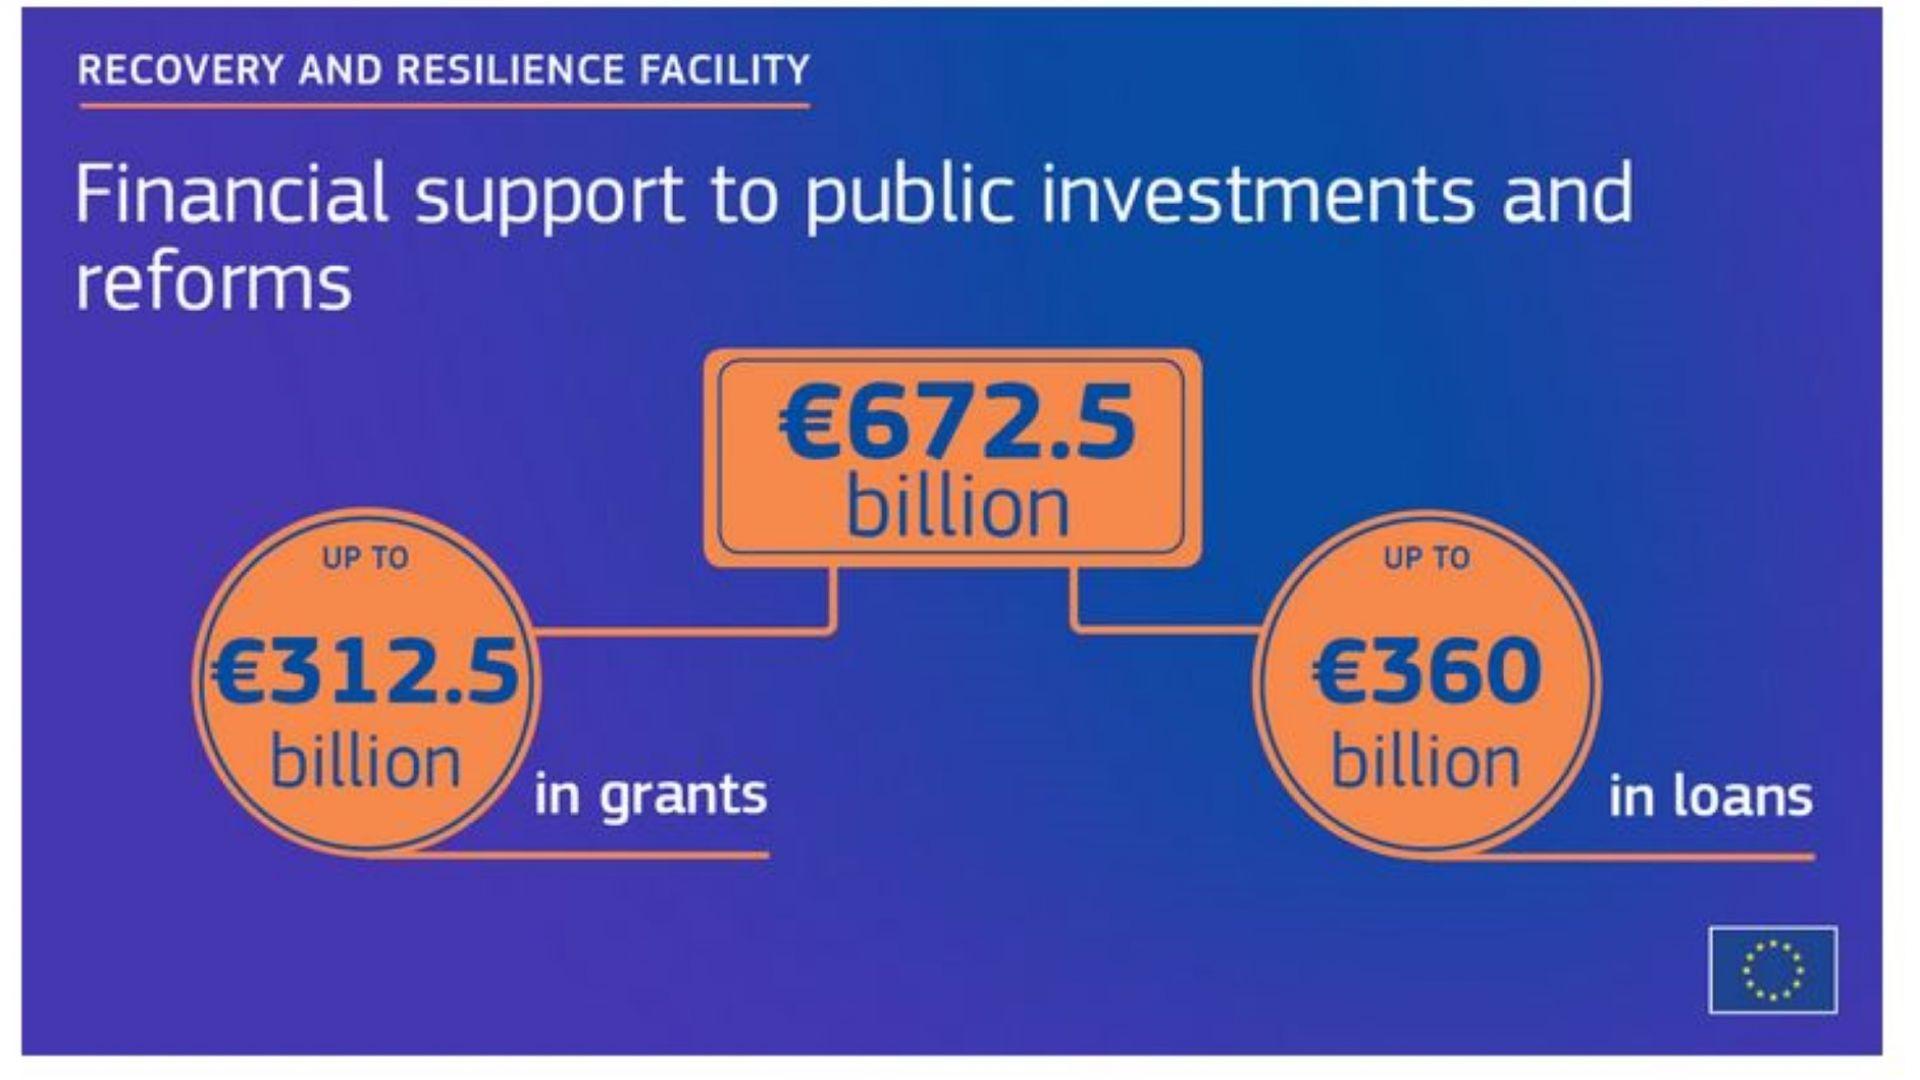 Средствата по механизма за възстановяване и устойчивост за подпомагане на публични инвестиции и реформи